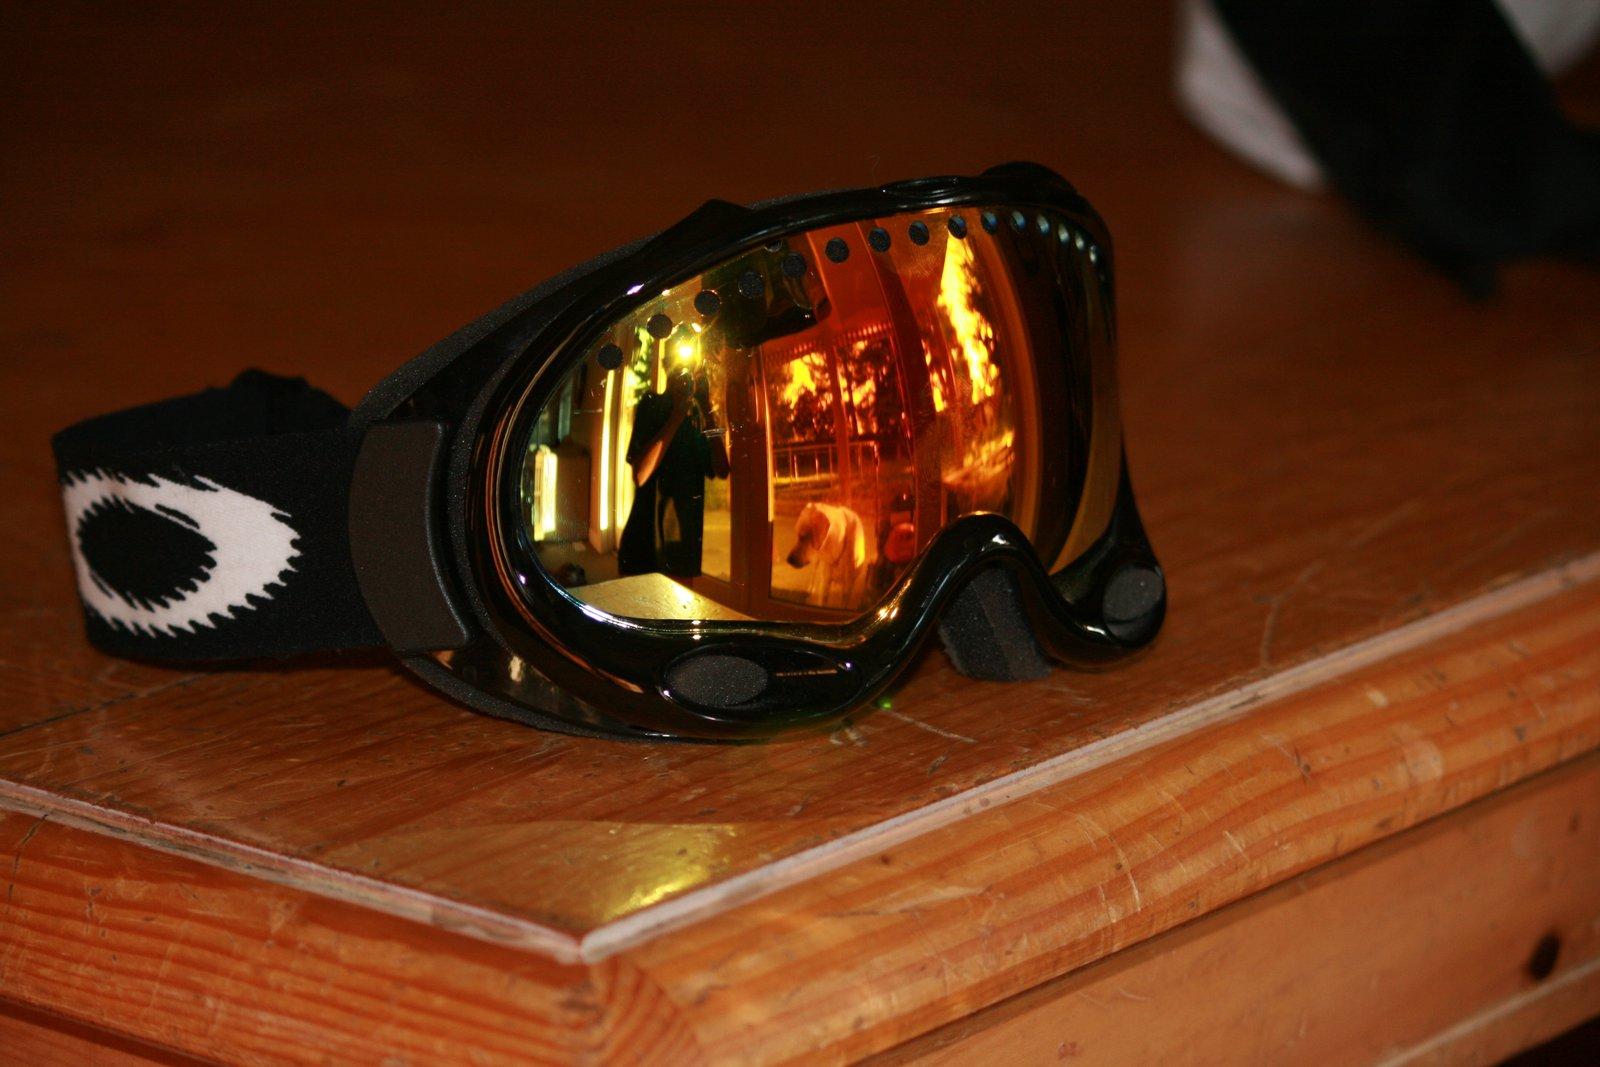 Oakley a frame fire lens